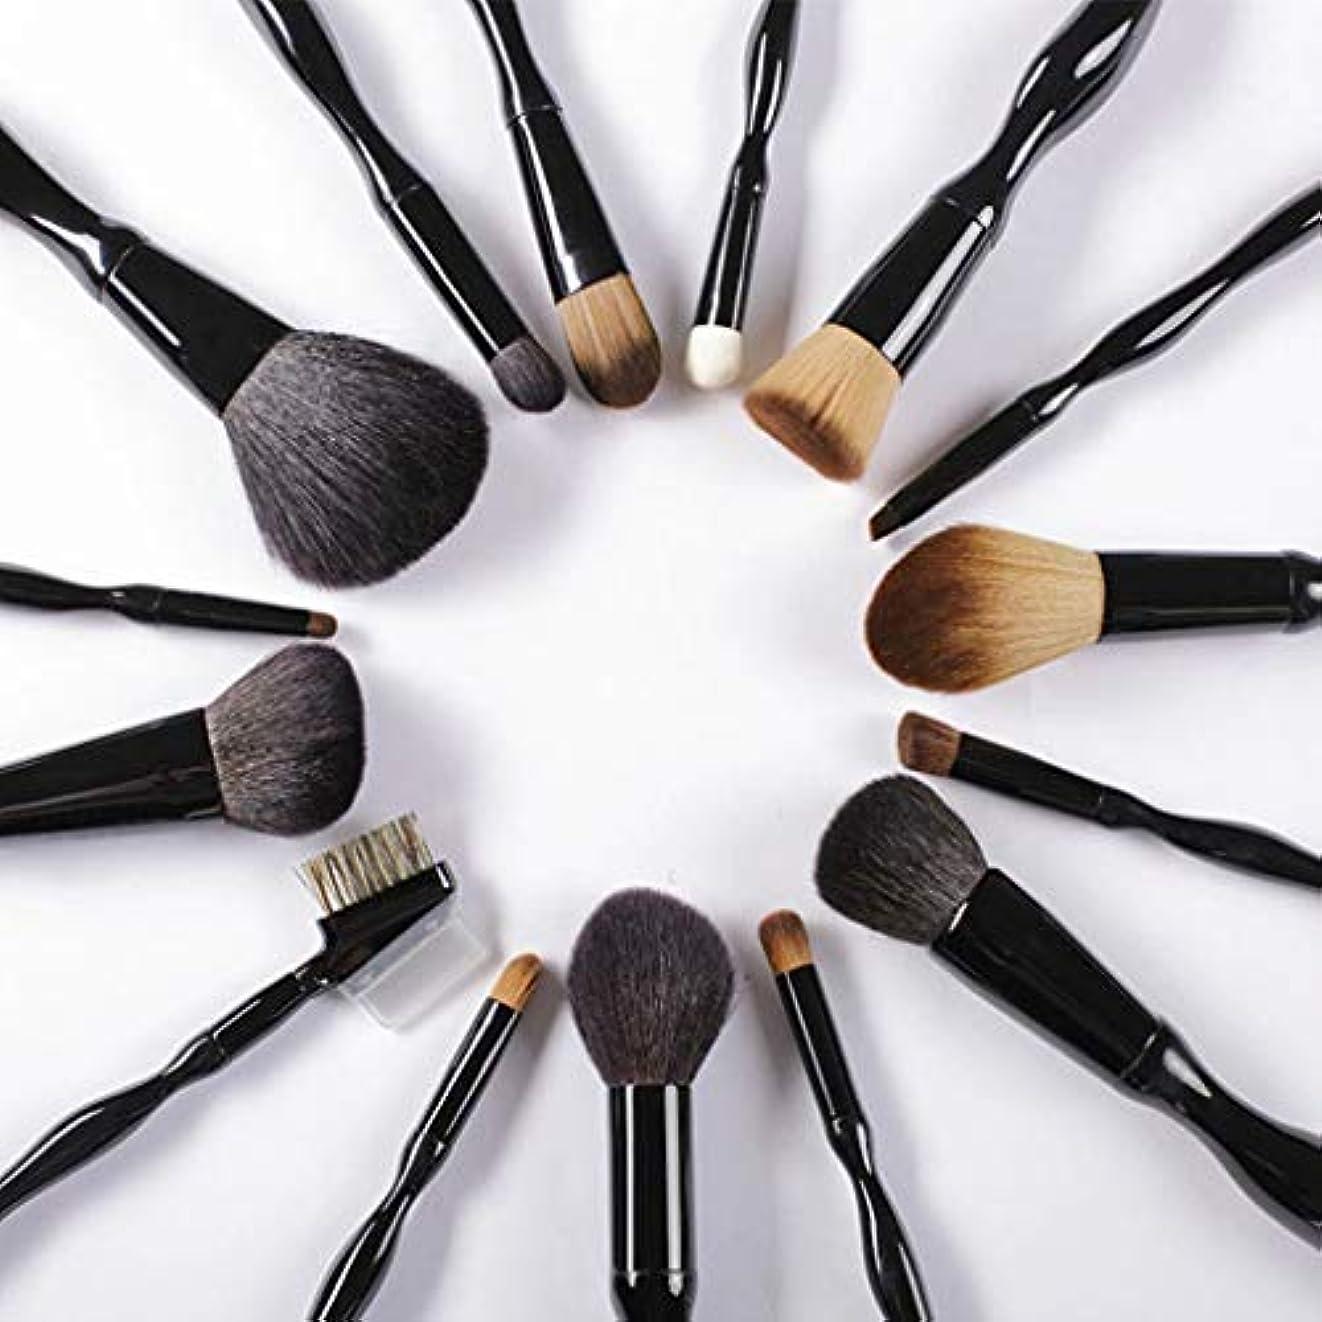 材料正確に割り込み15化粧ブラシボディカーブファンデーションブラシ化粧ブラシ美容ツール